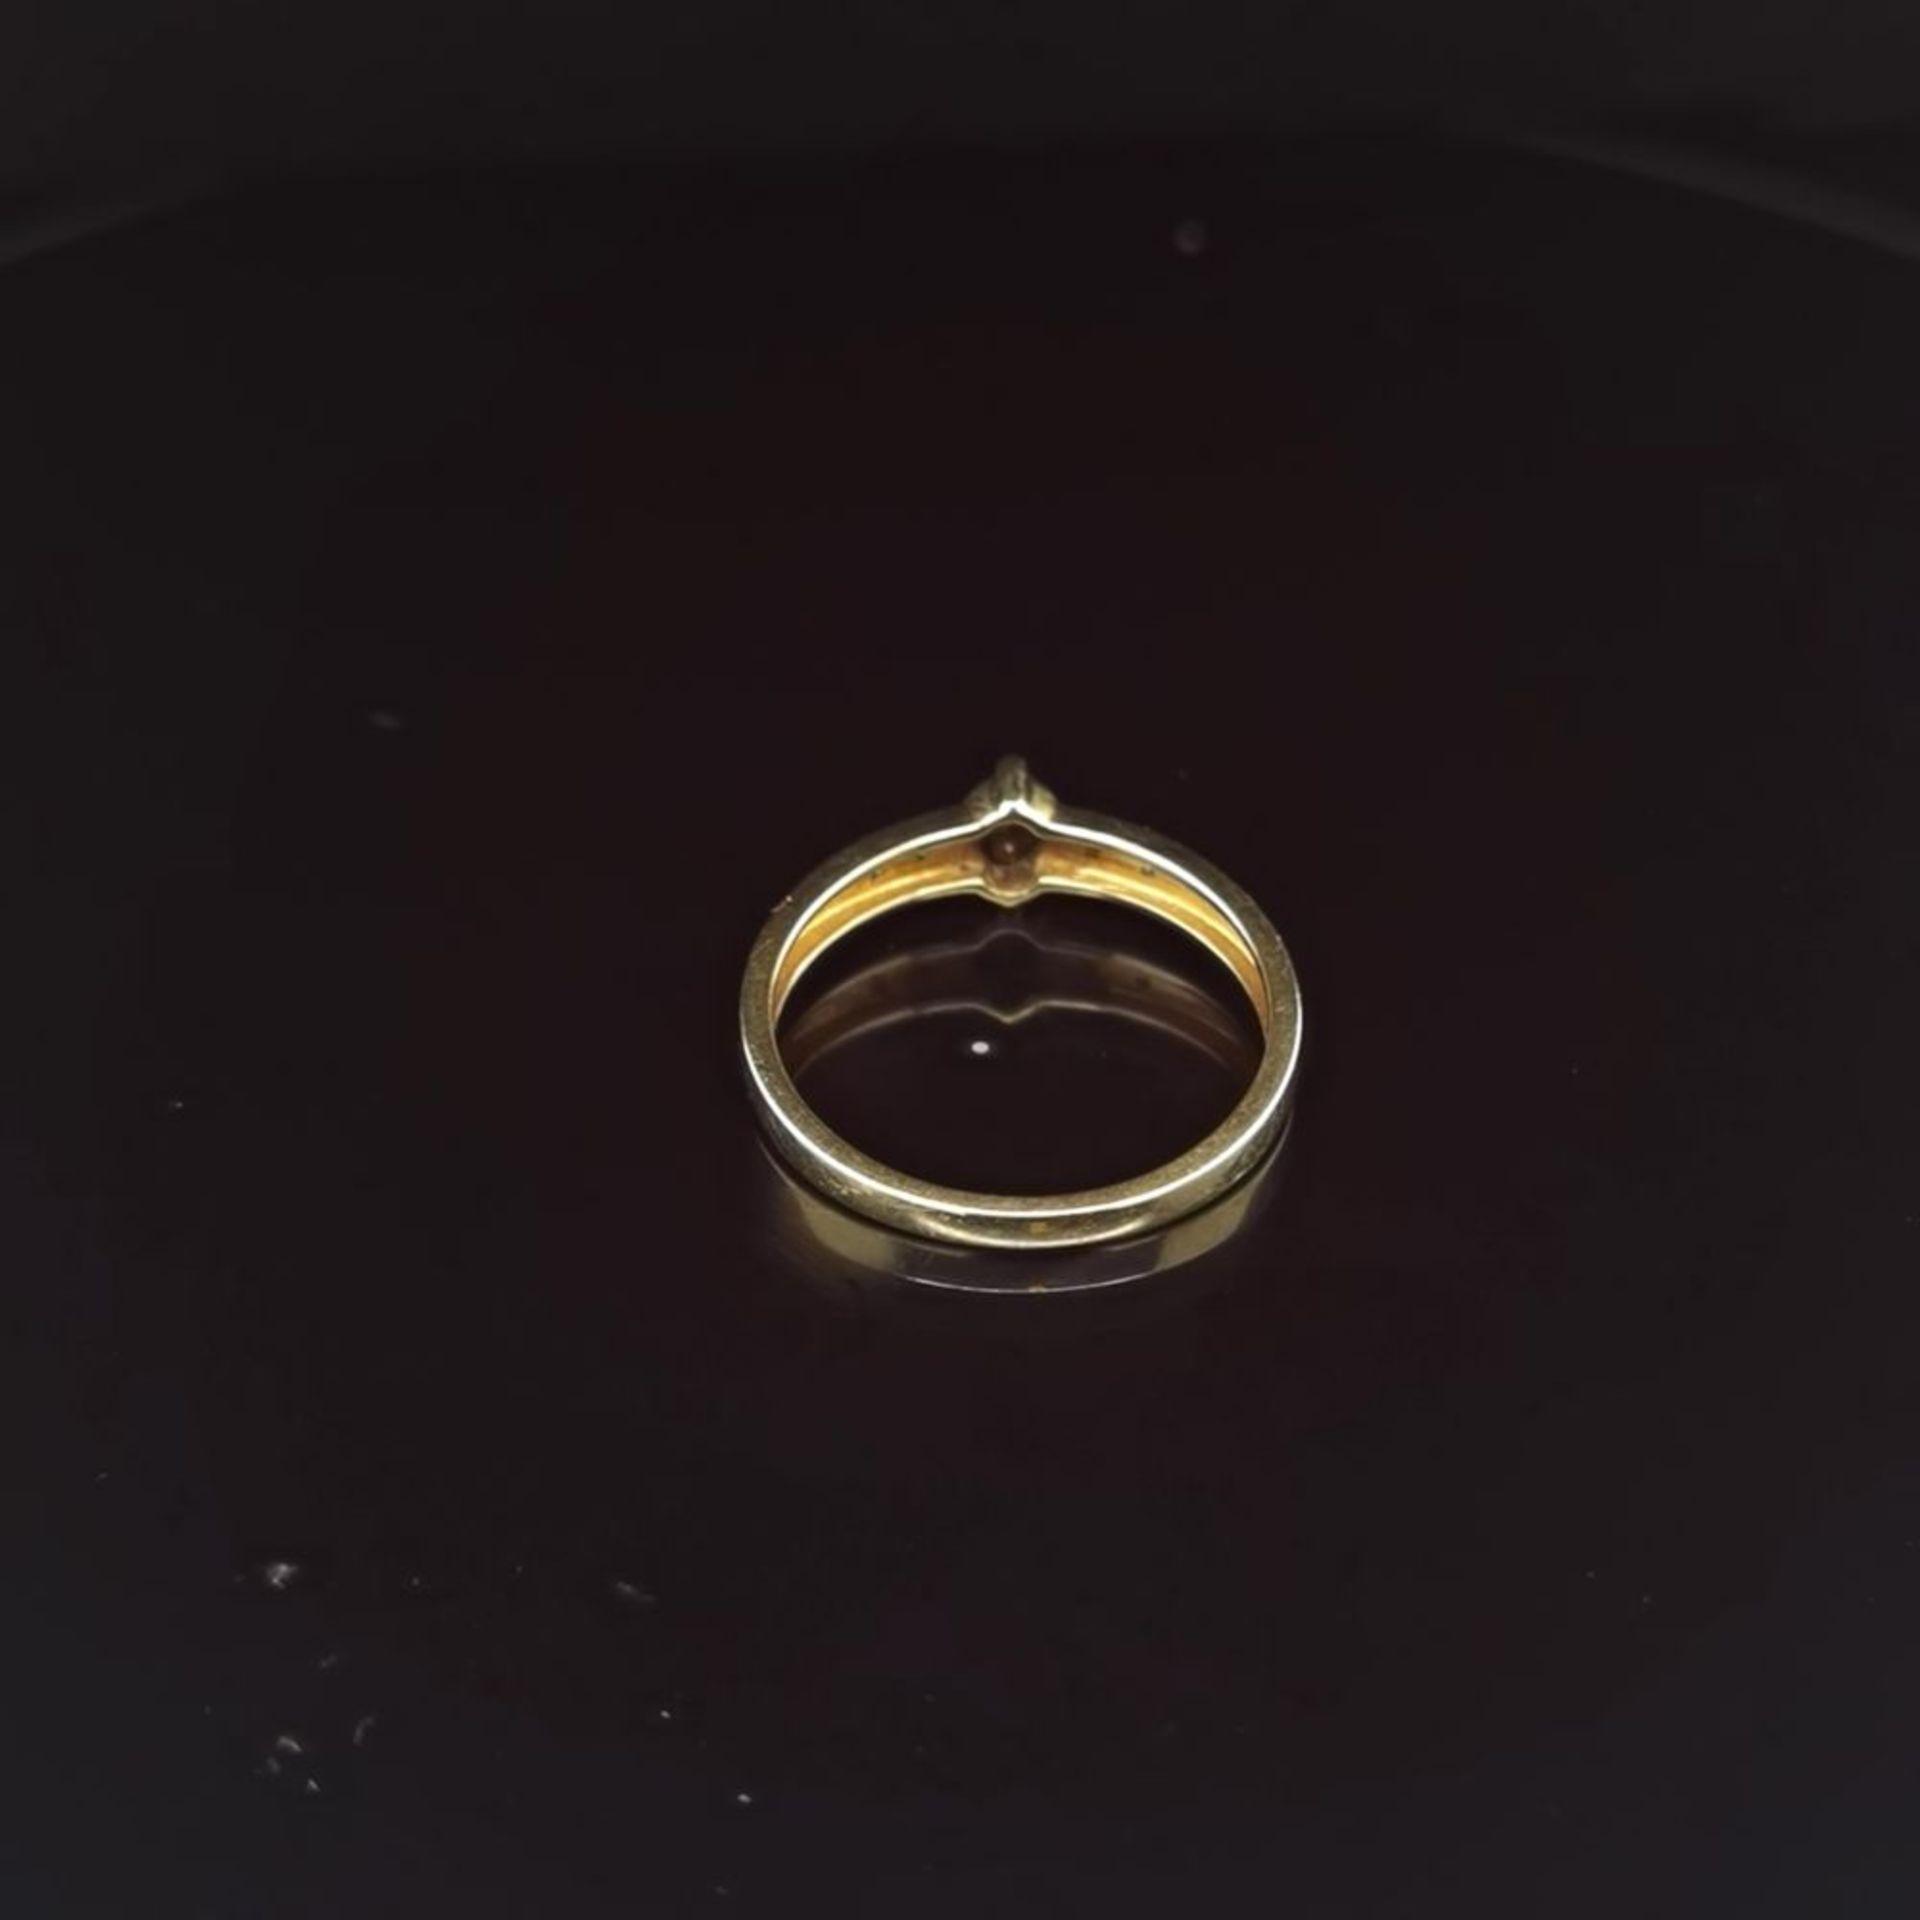 Saphir-Diamant-Ring, 585 Gelbgold 2,1 - Image 3 of 3